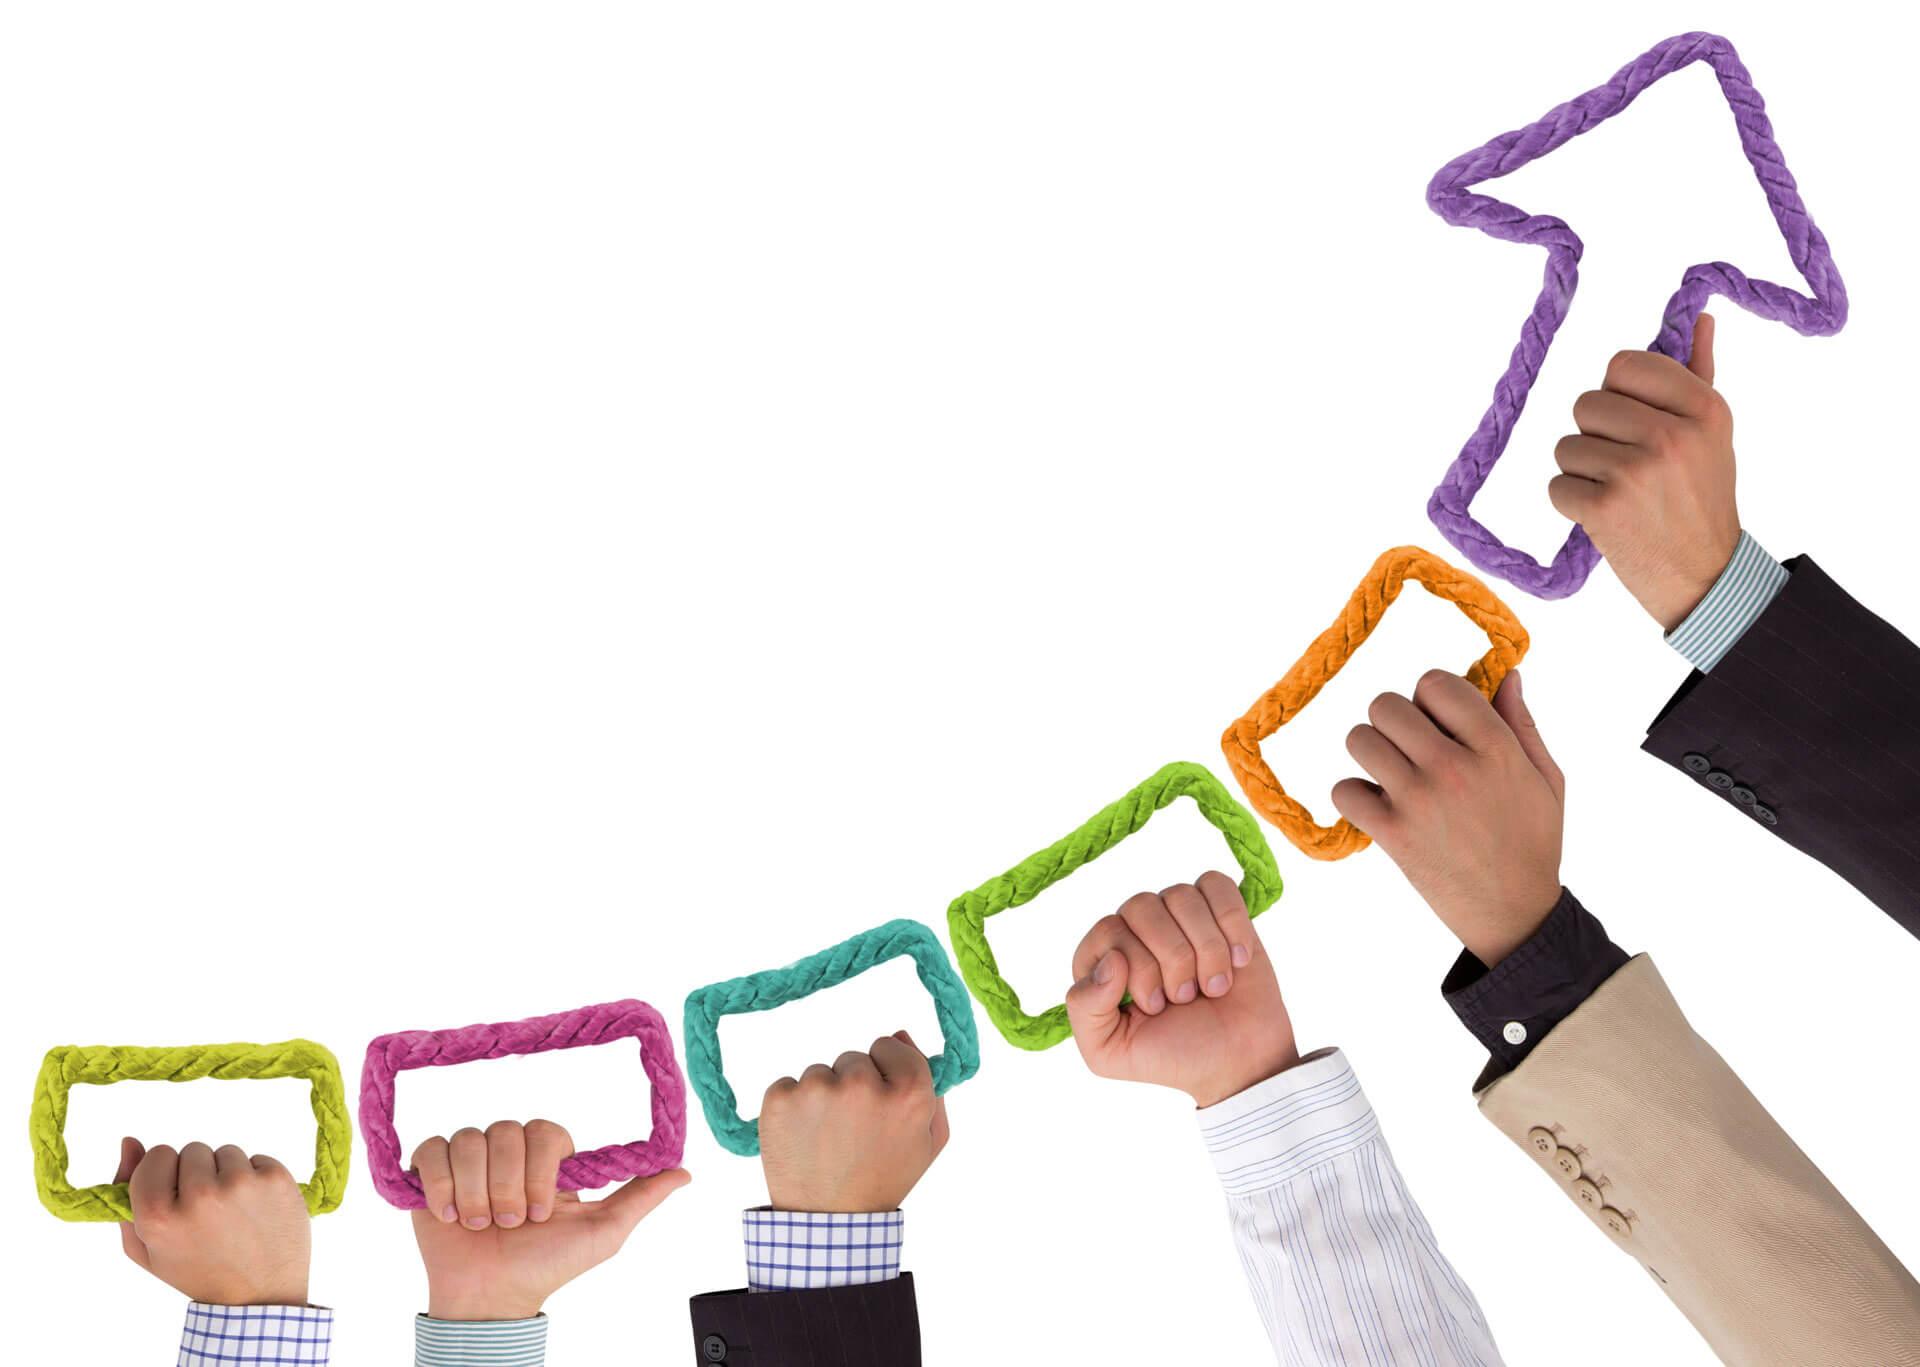 TRIWI cresce 150% na pandemia ajudando outras empresas a venderem mais